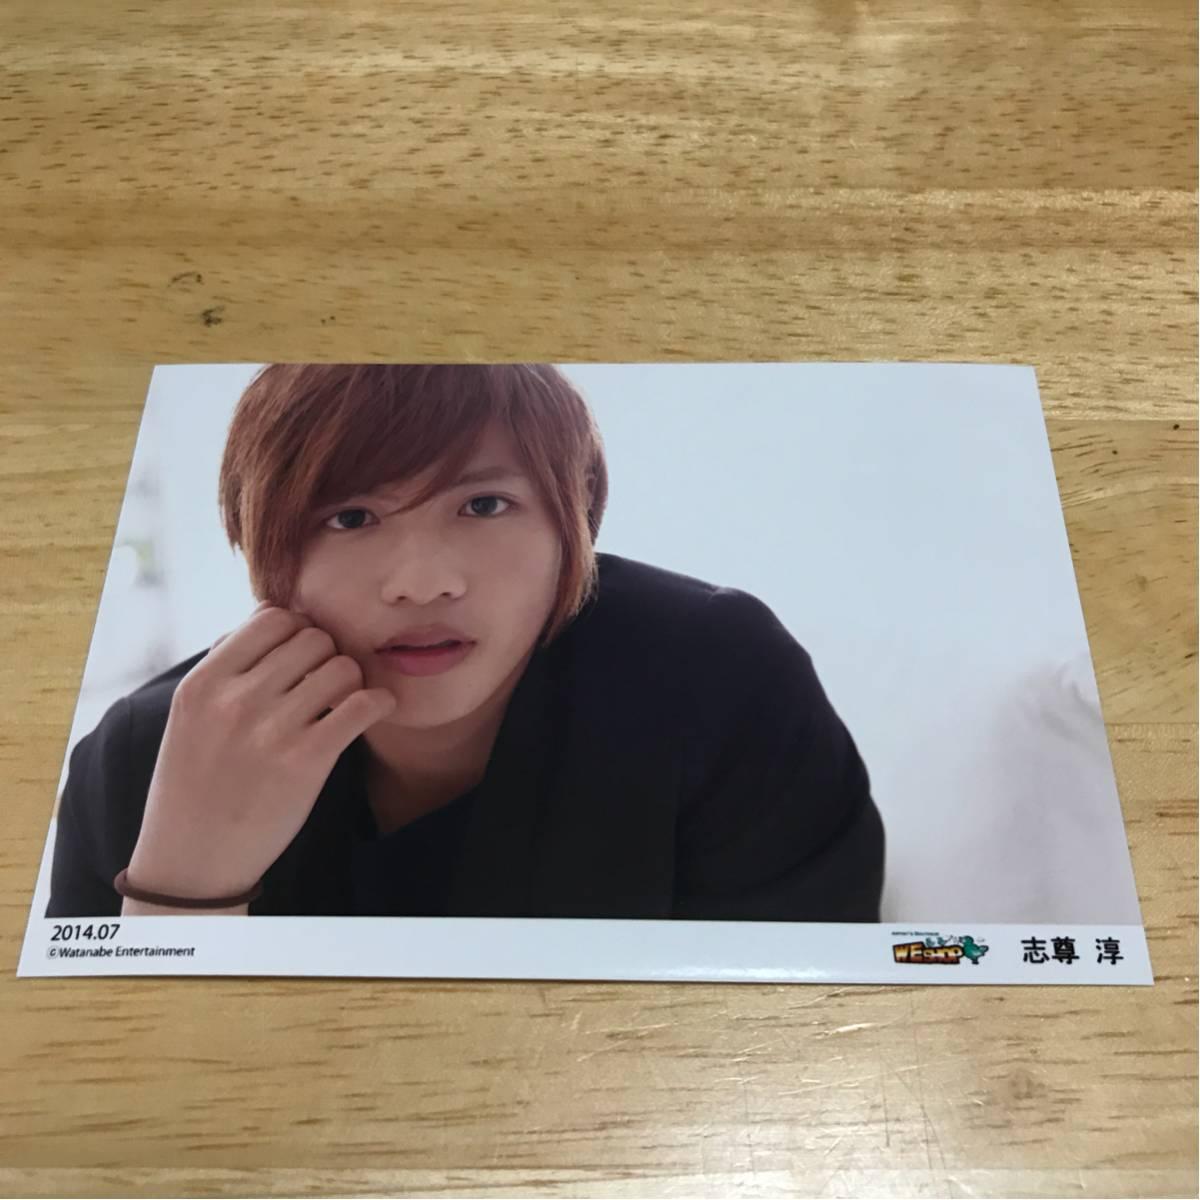 志尊淳 ブロマイド D2 2014 7月 限定品 写真 ③